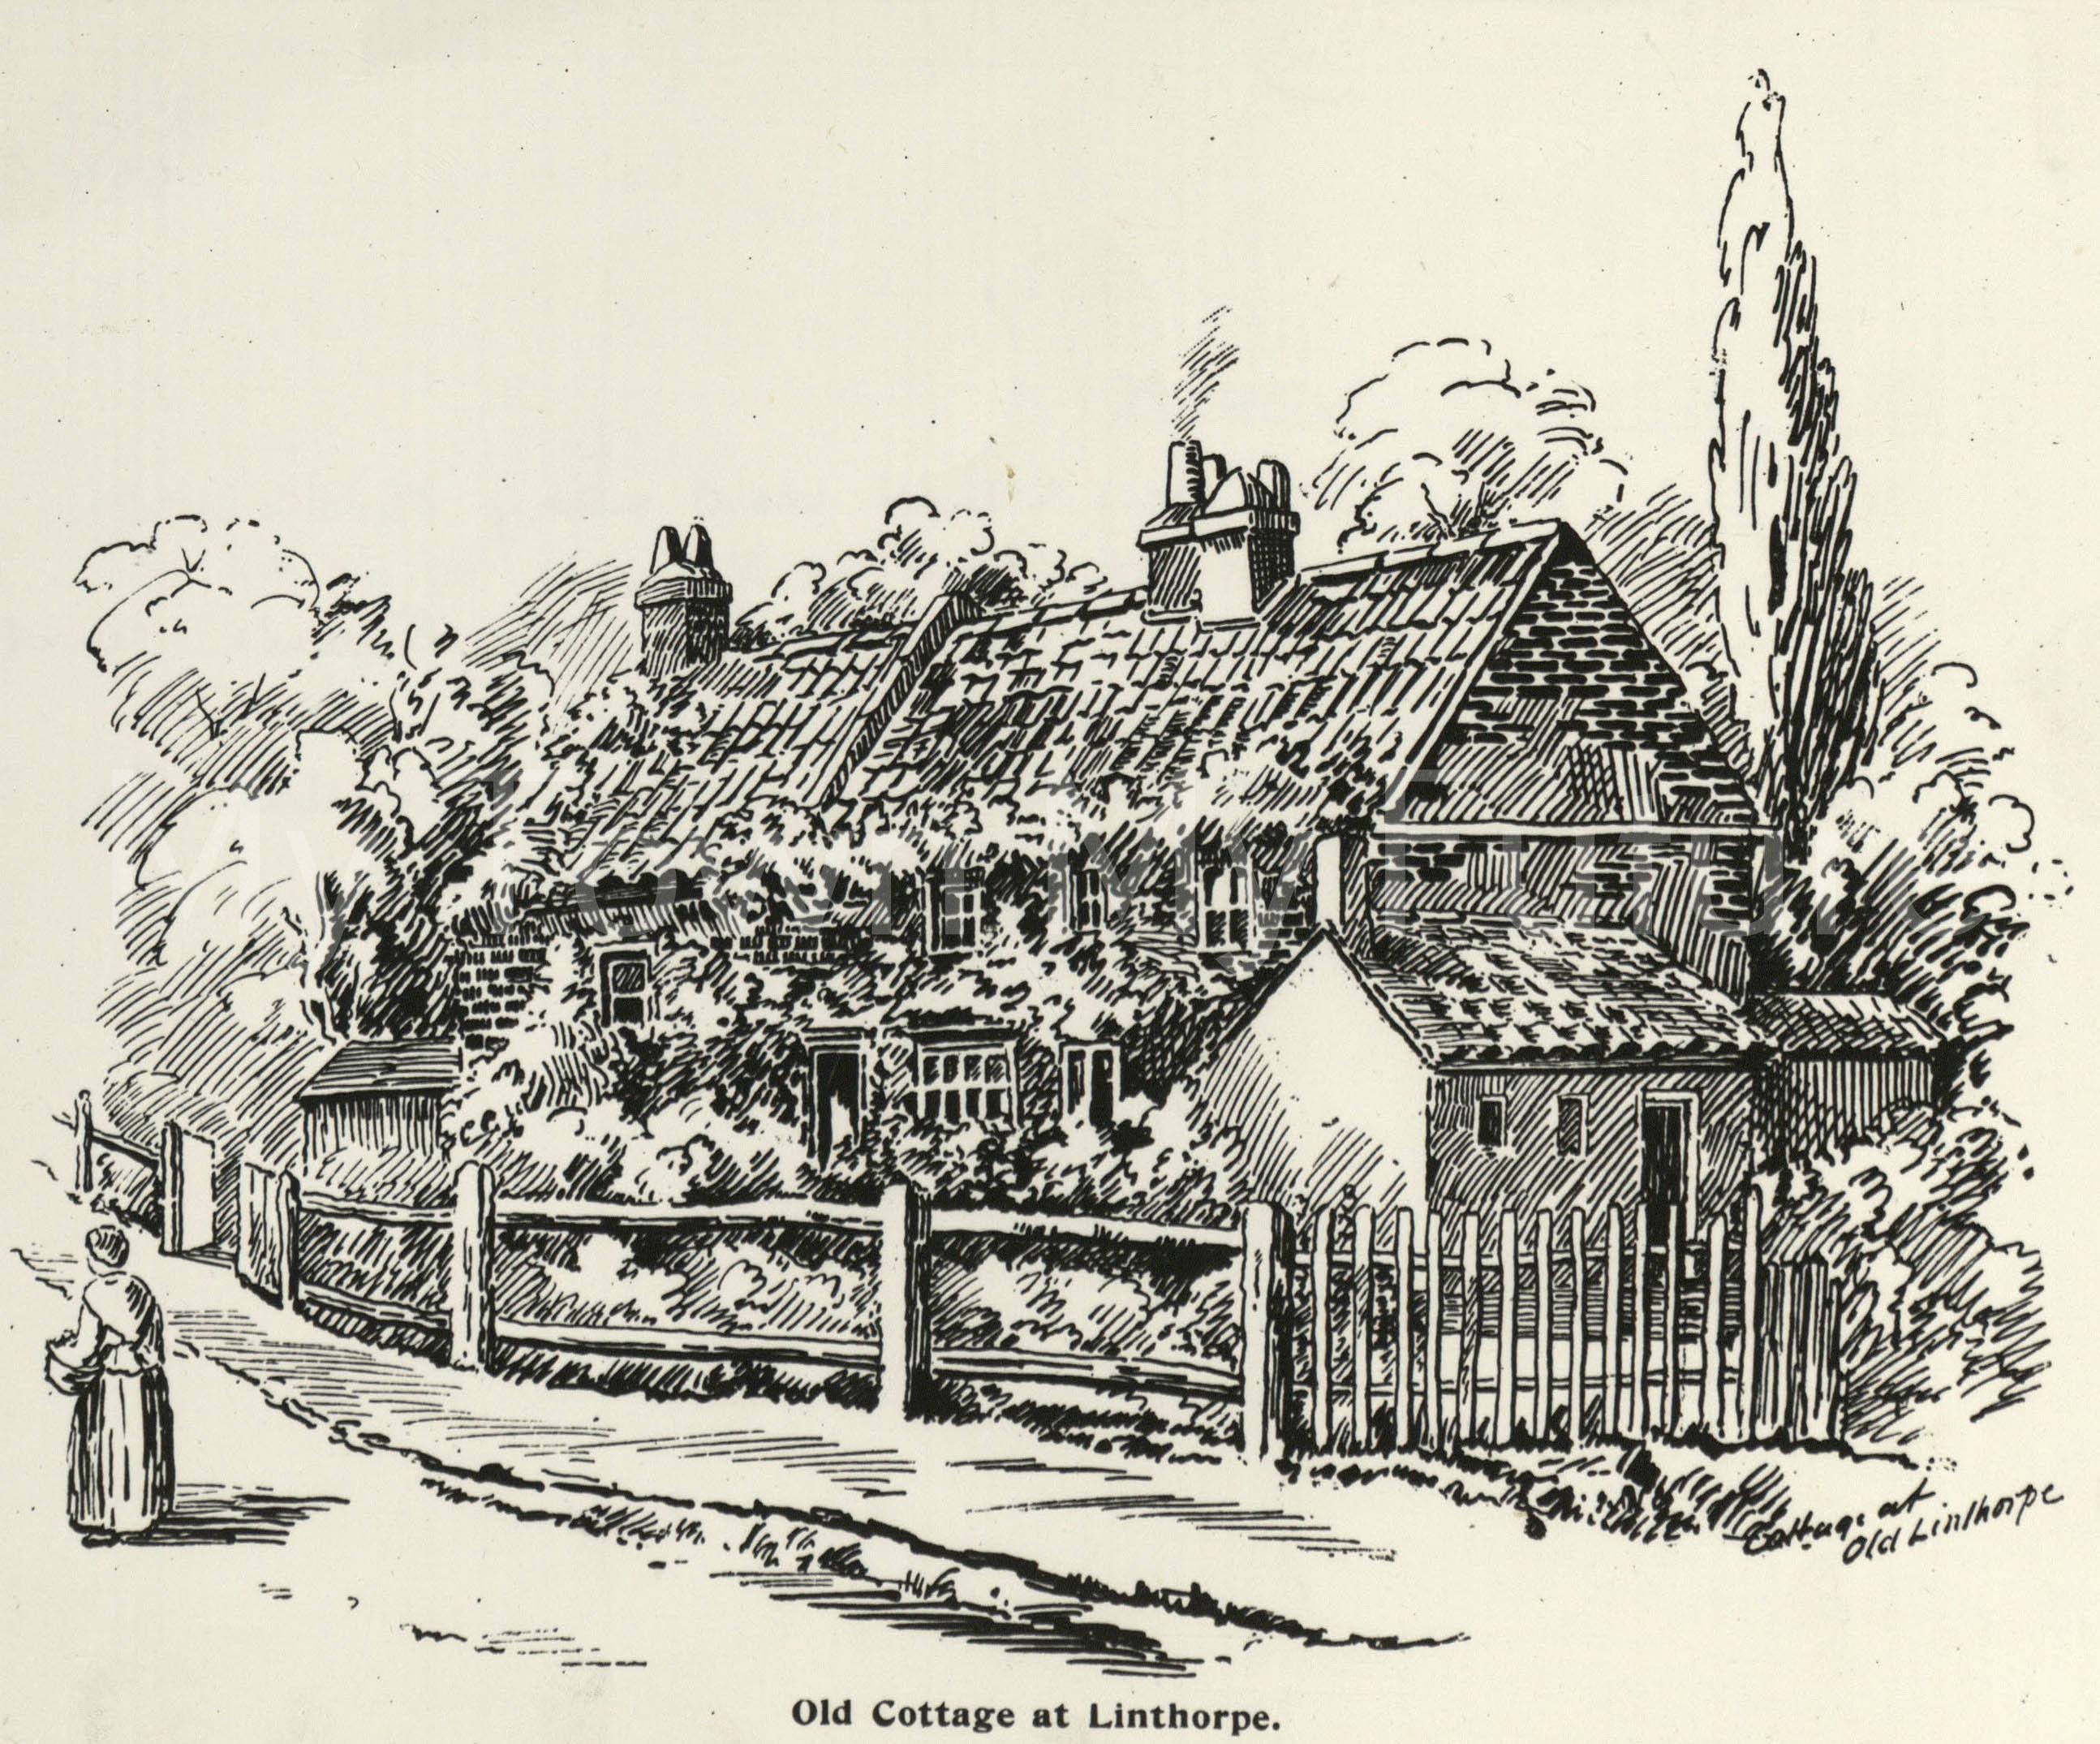 Old Cottages, Linthorpe.